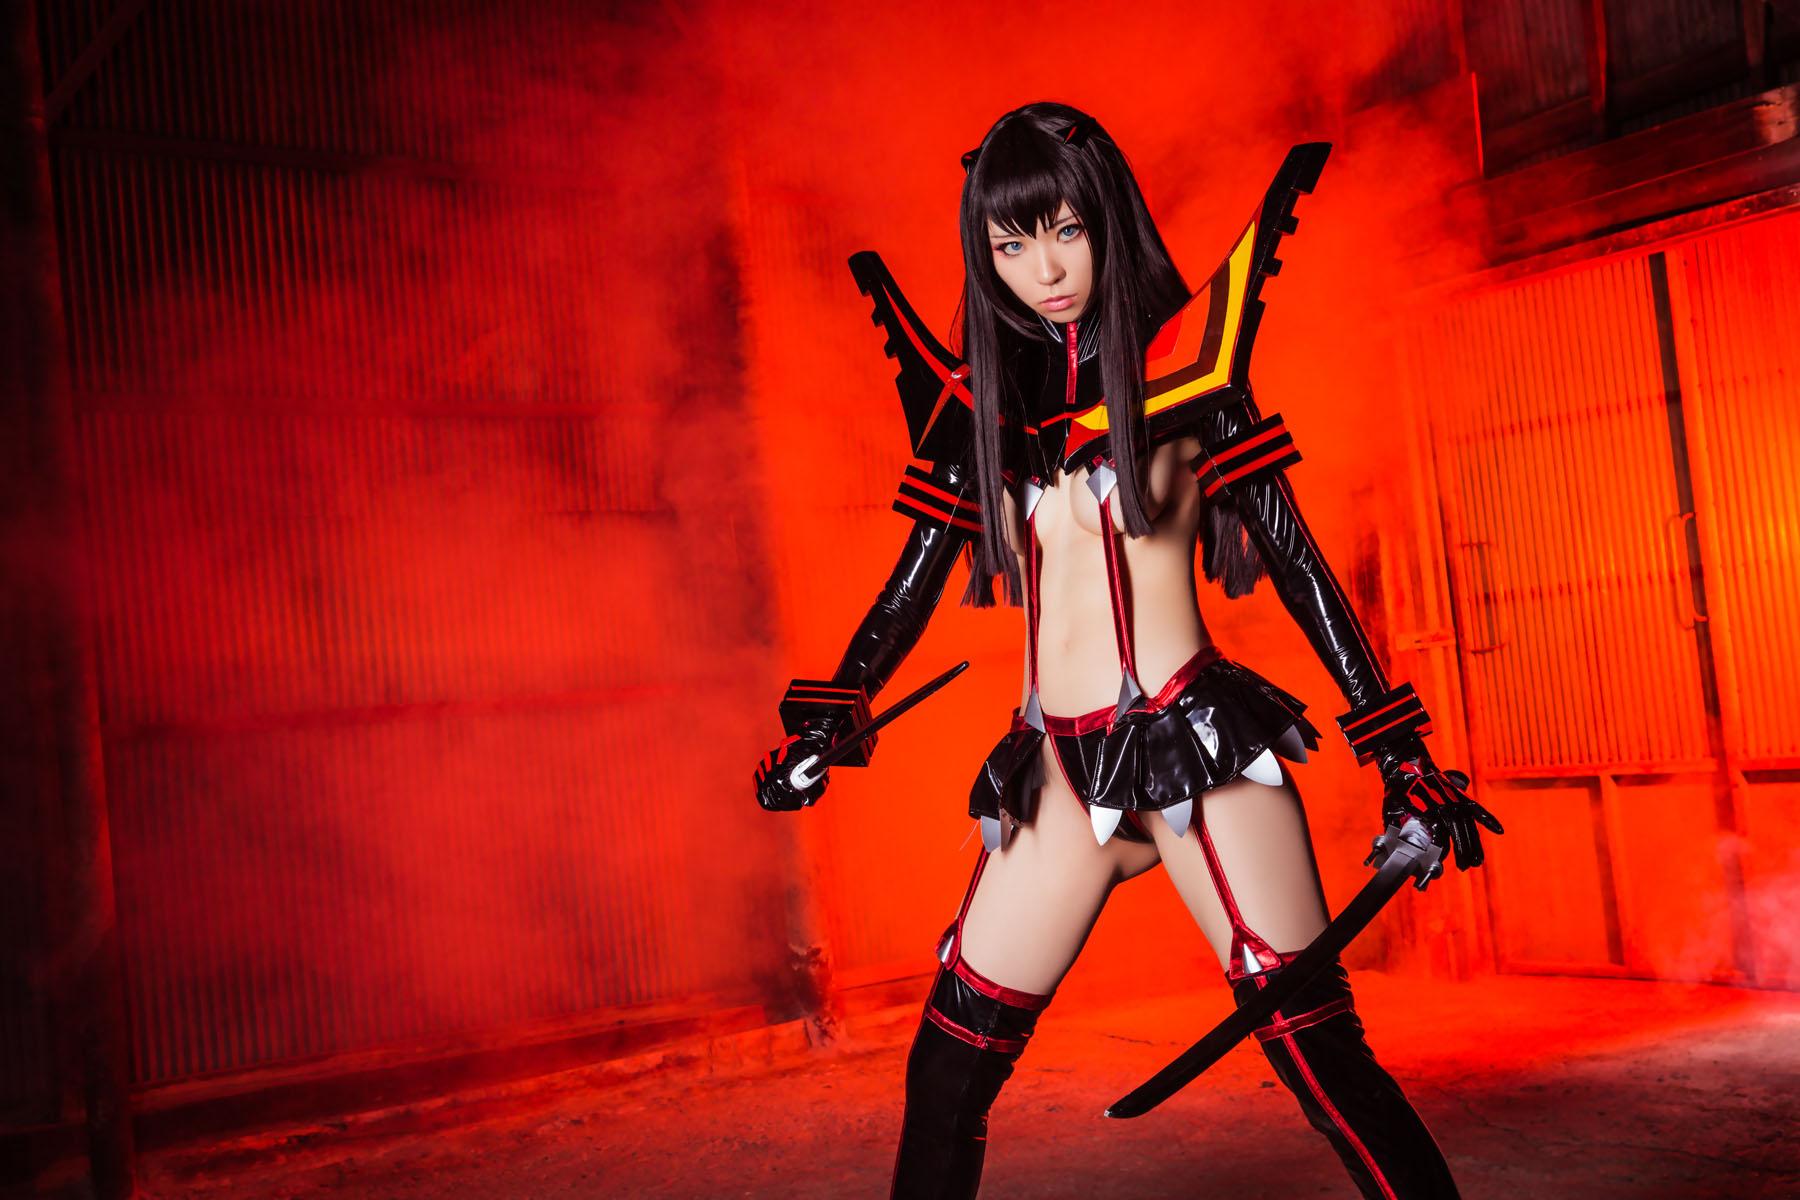 Kill la Kill Satsuki Kiryuuin anime cosplay by Mikehouse 0018